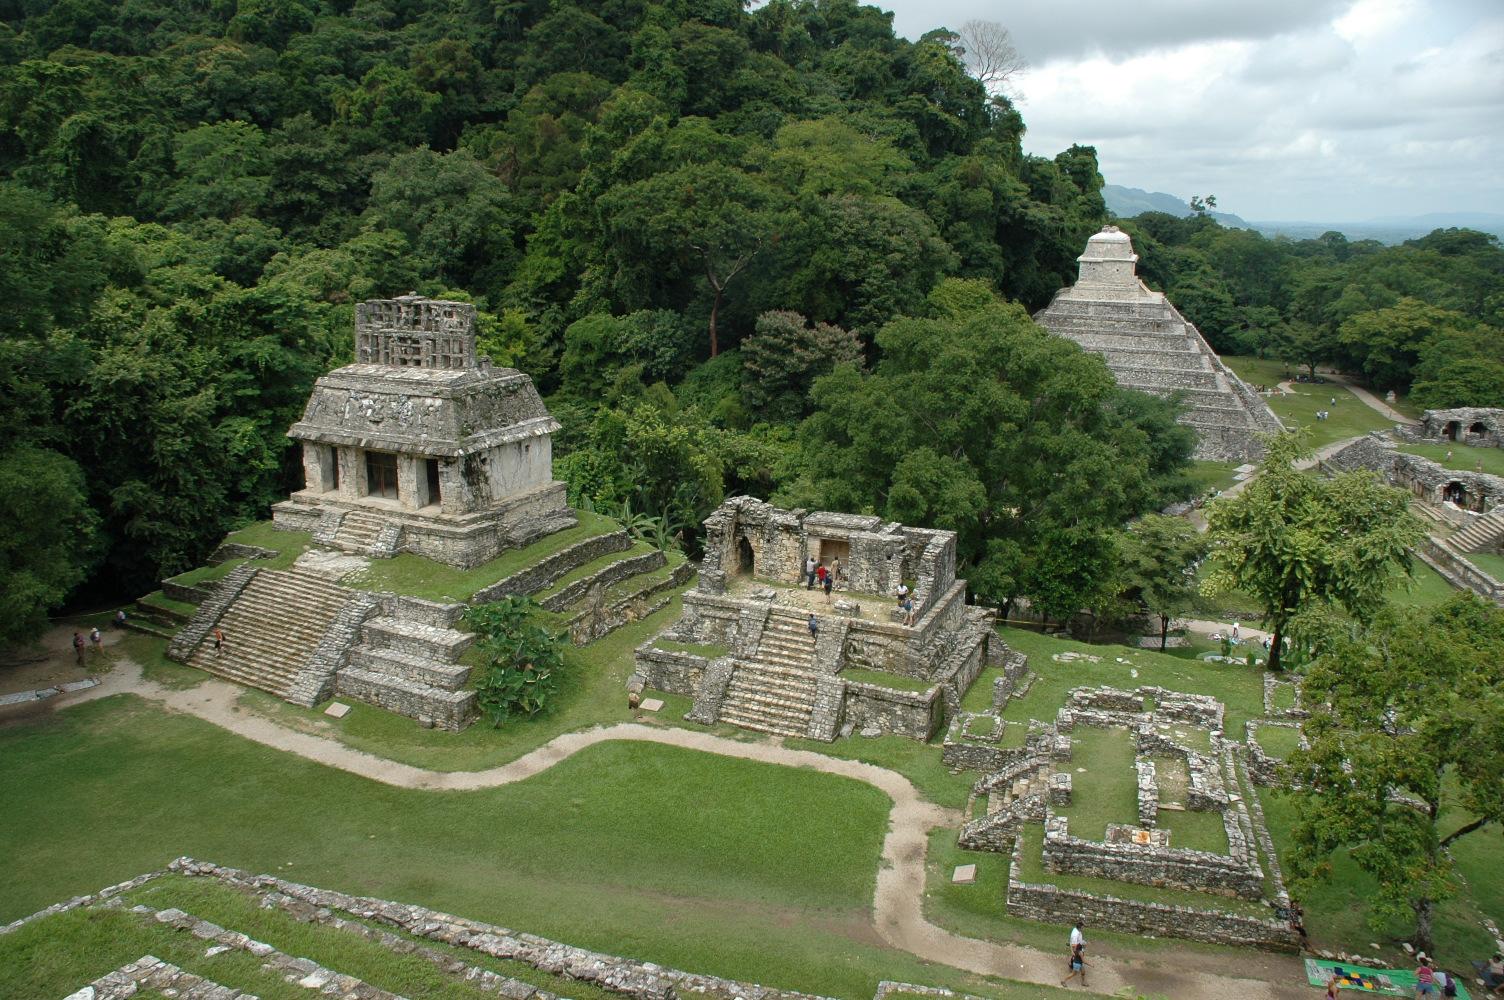 Meksika'da Maya kralı Pakal'ın Mezarındaki Hiyeroglif Deşifre Edildi